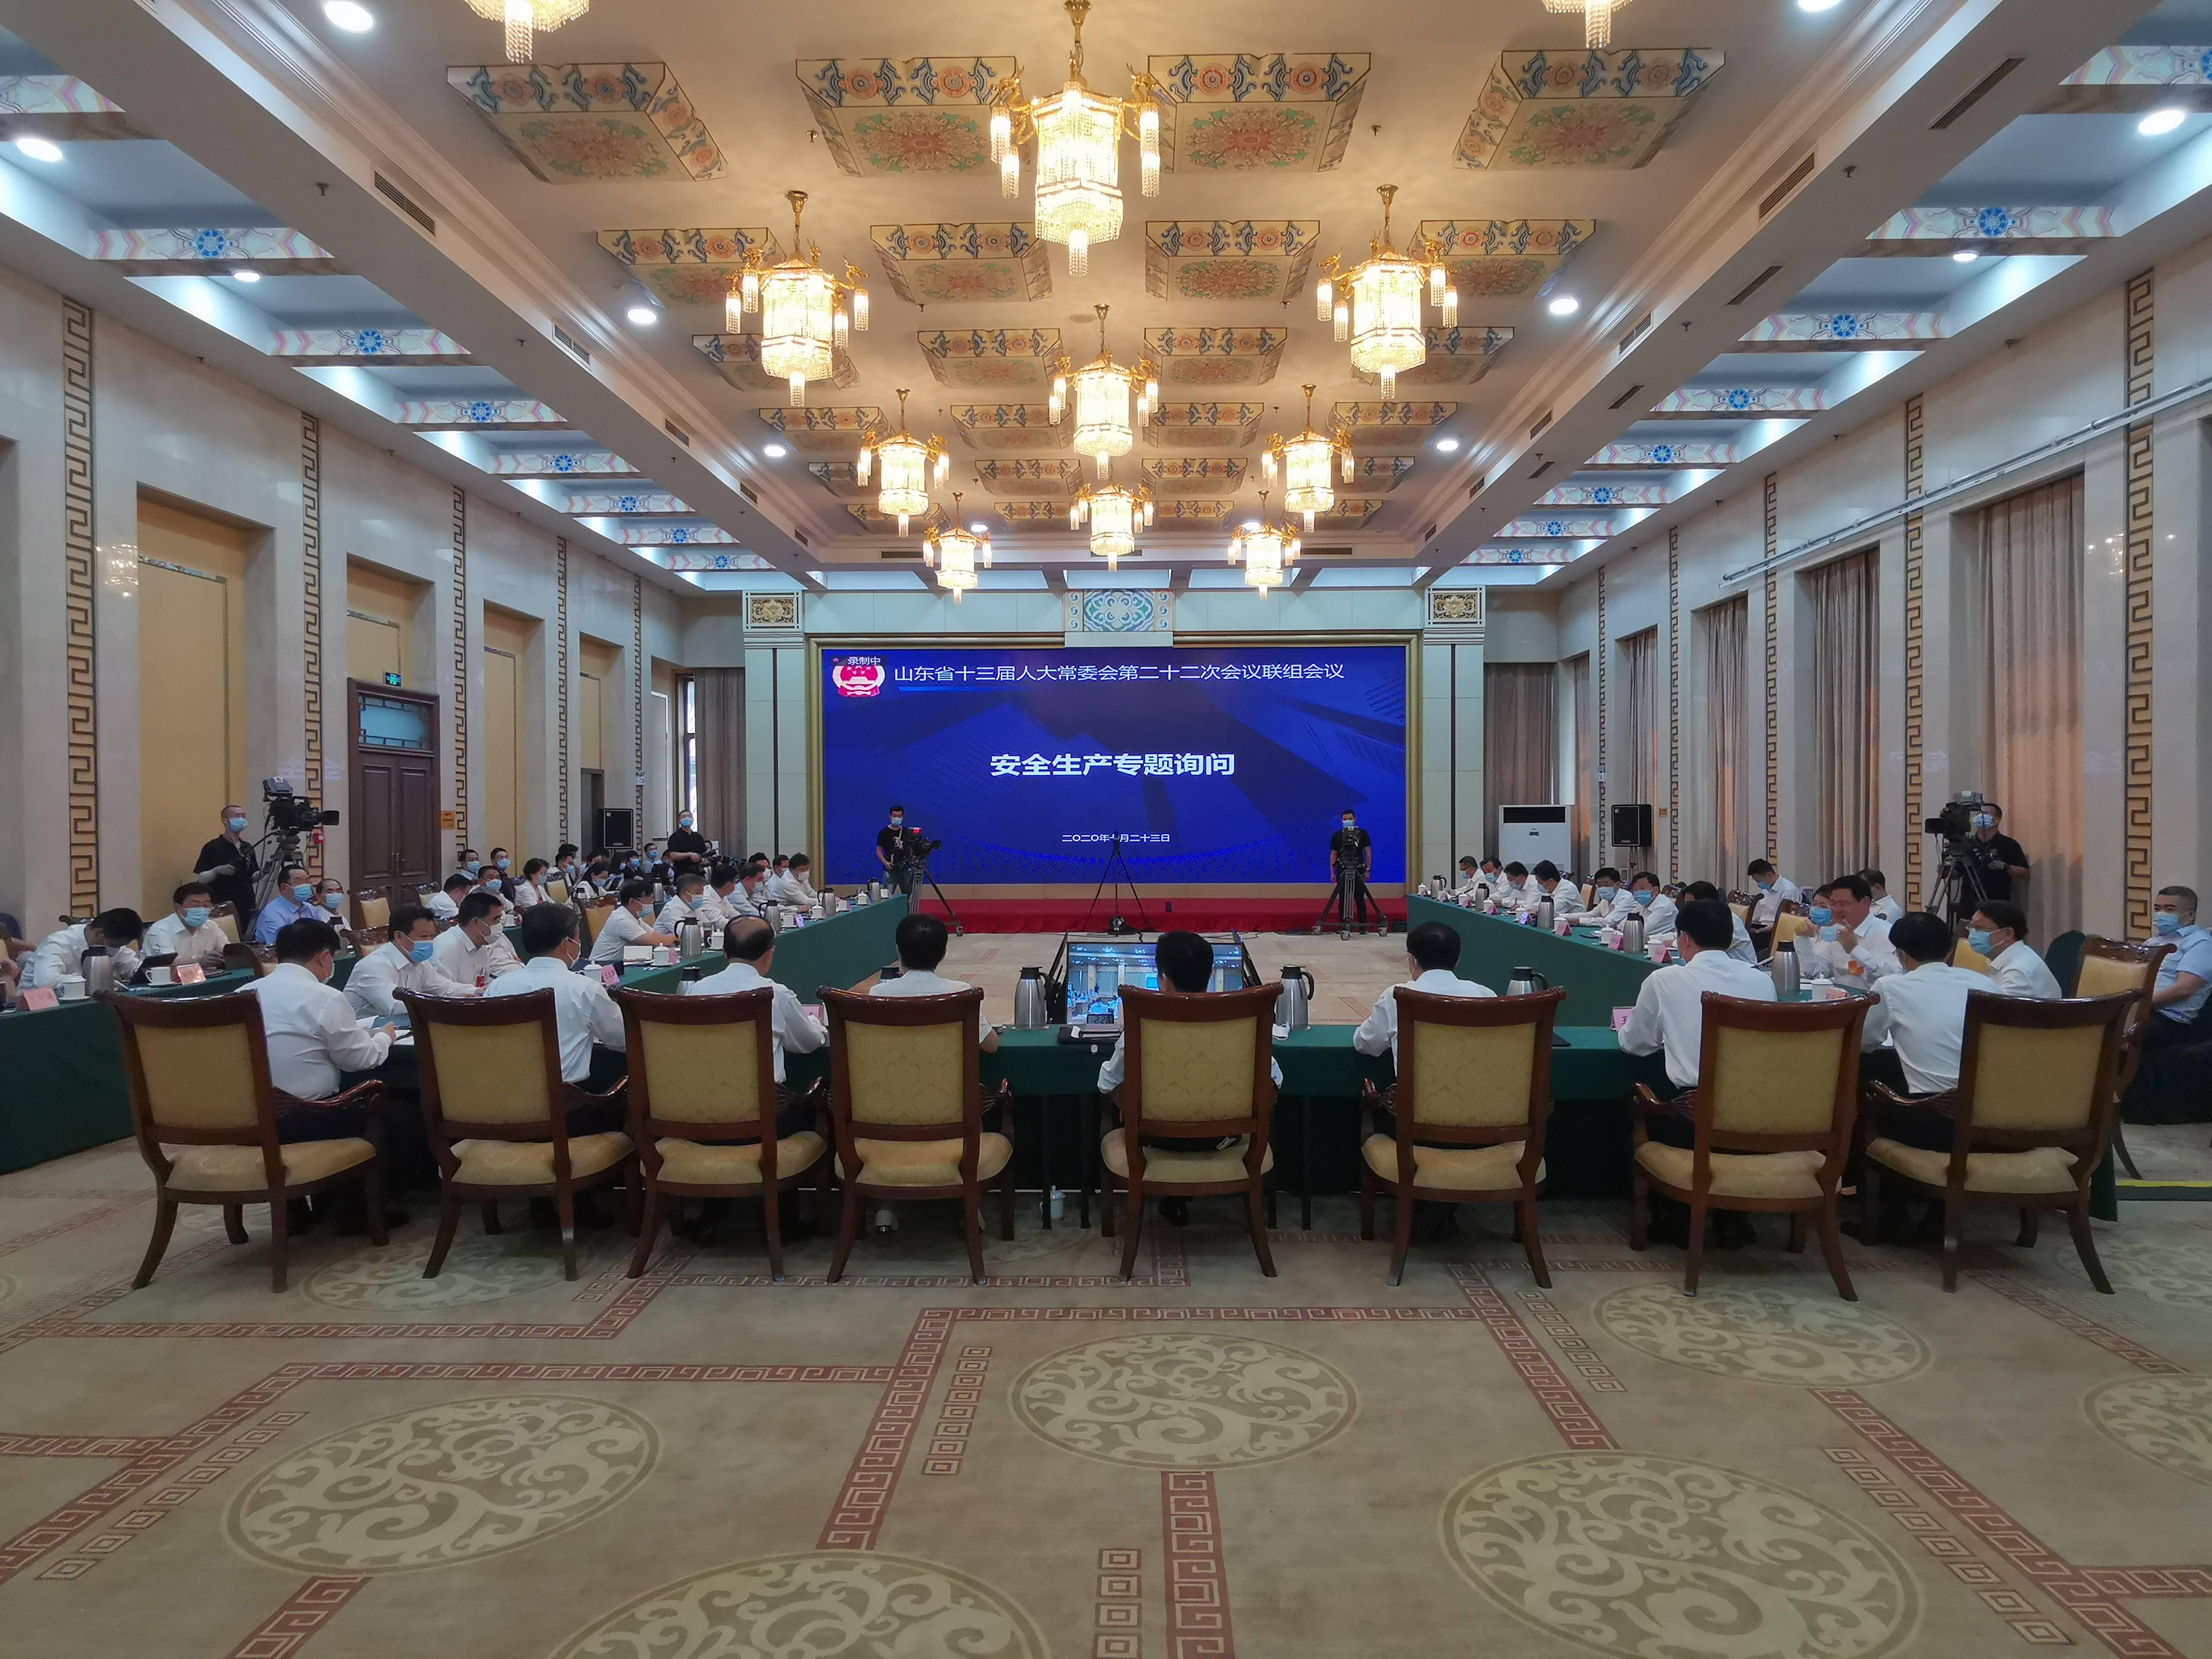 山东省十三届人大常委会第二十二次会议举行联组会议 对全省安全生产工作进行专题询问